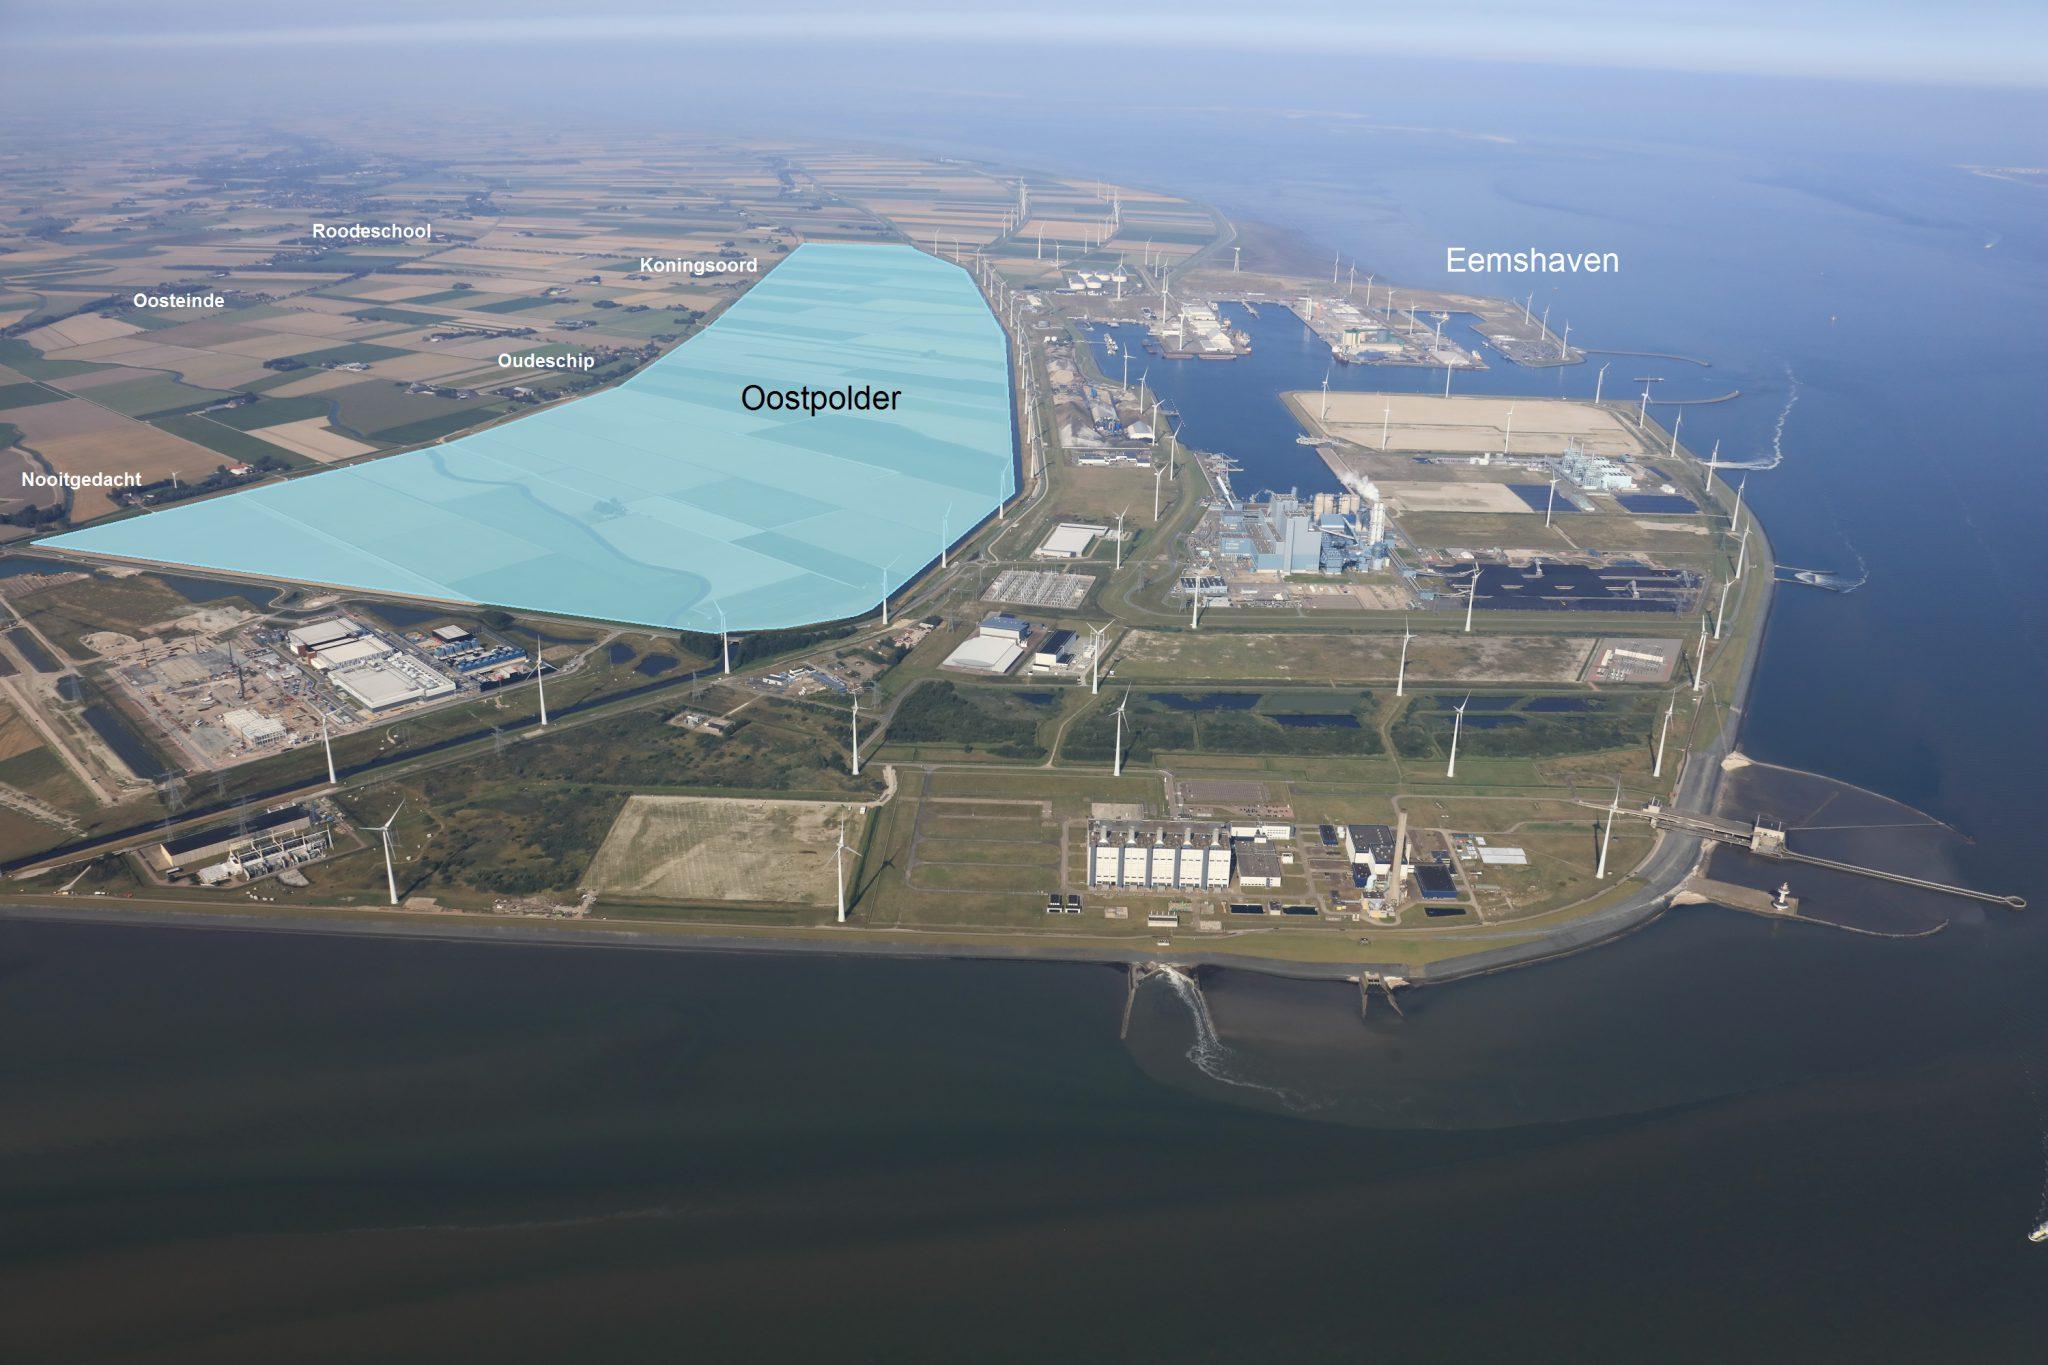 De geplande uitbreiding van de Eemshaven (impressie Groningen Seaports / Koos Boertjens)